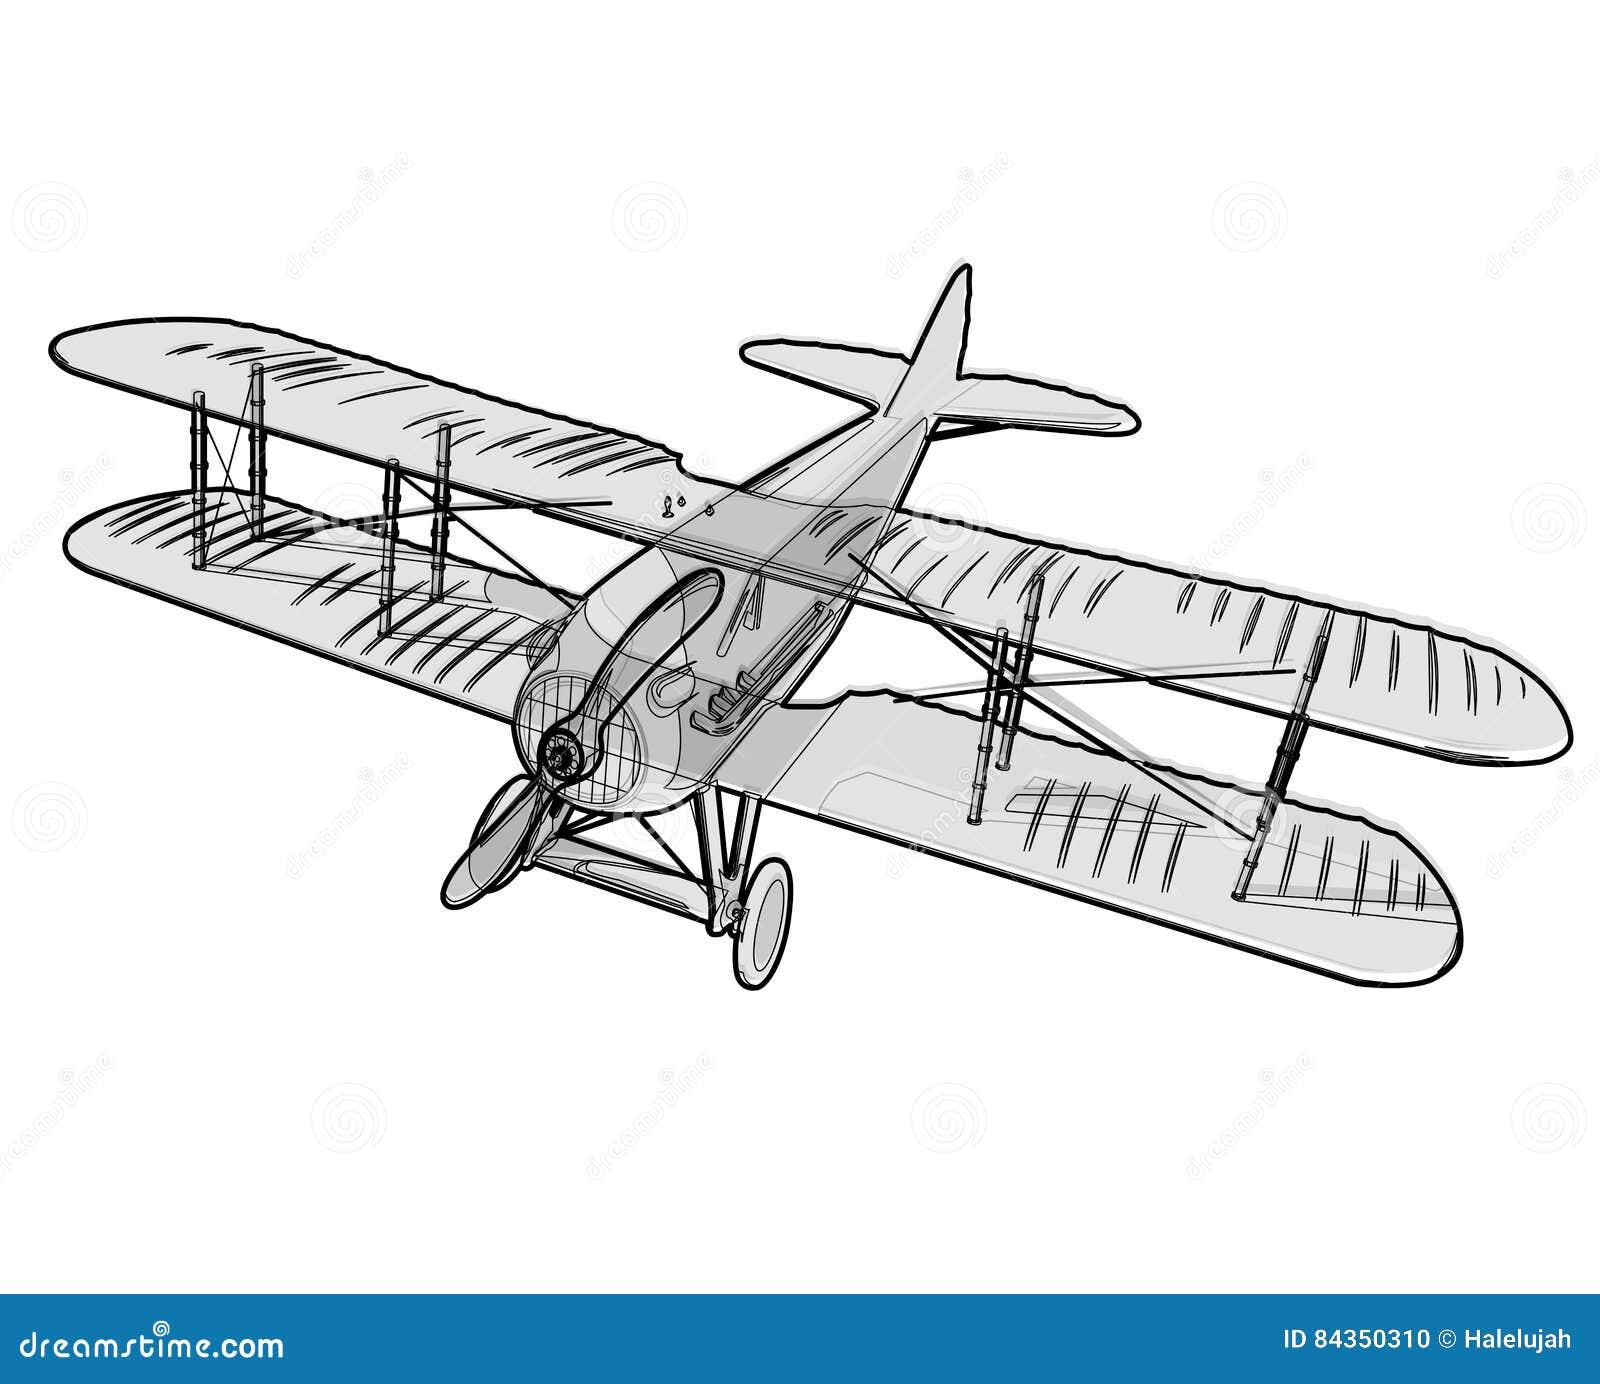 biplano da guerra mundial com esboço preto hélice dos